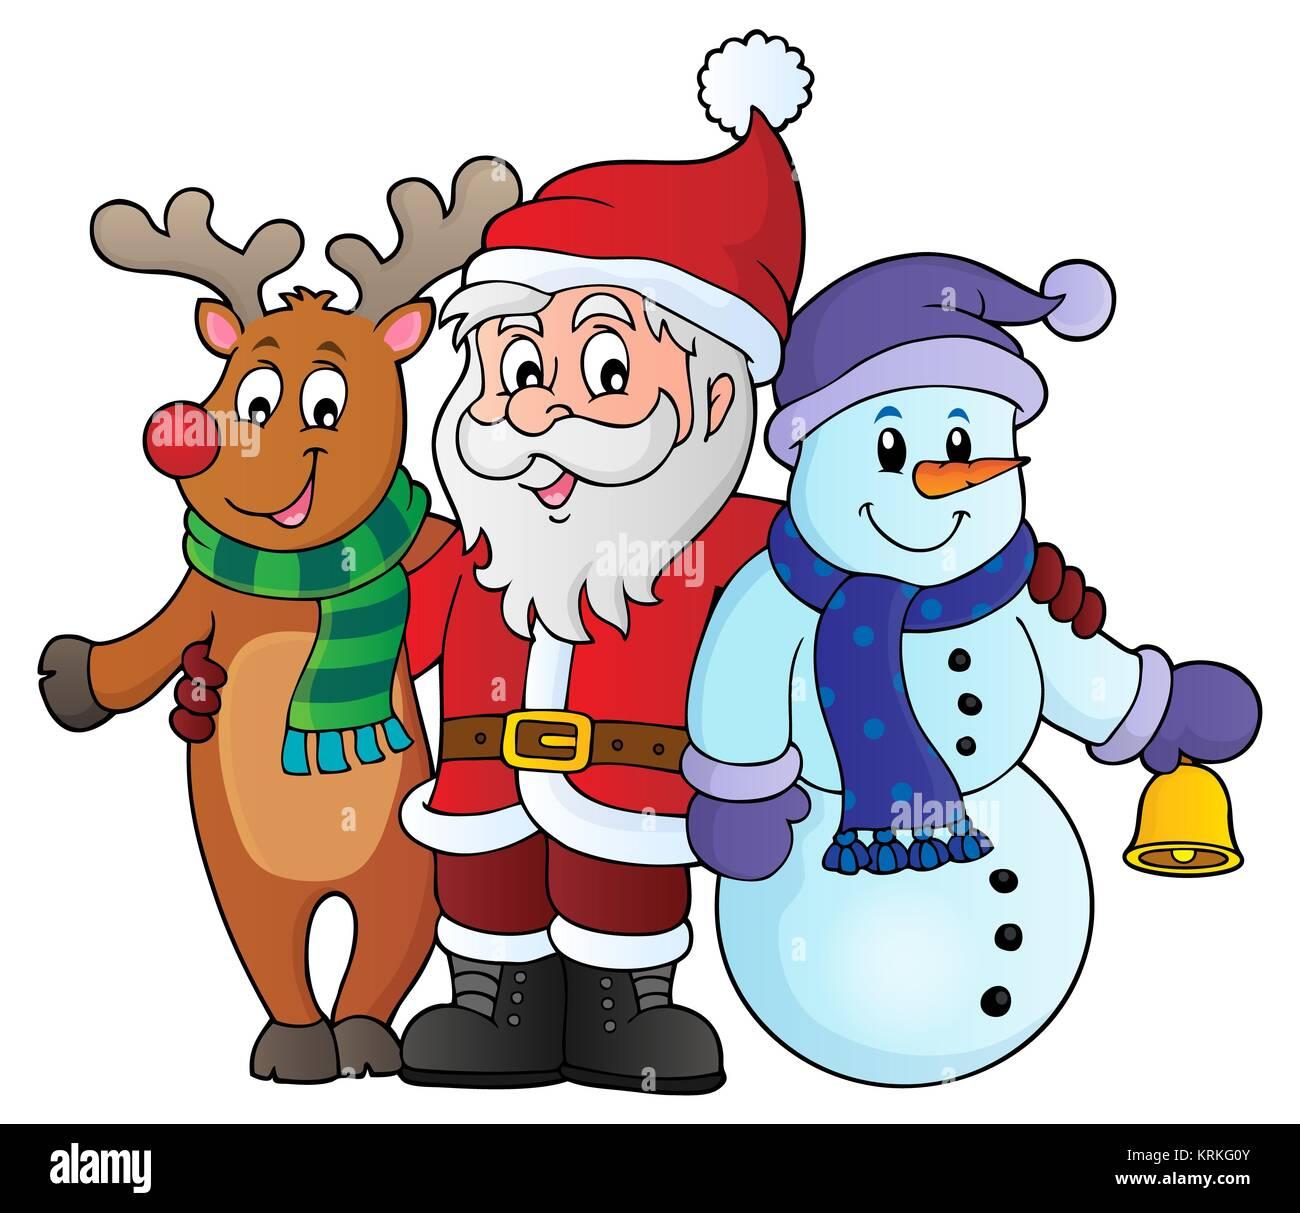 Weihnachten zeichen Thema Bild 1 Stockfoto, Bild: 169460059 - Alamy